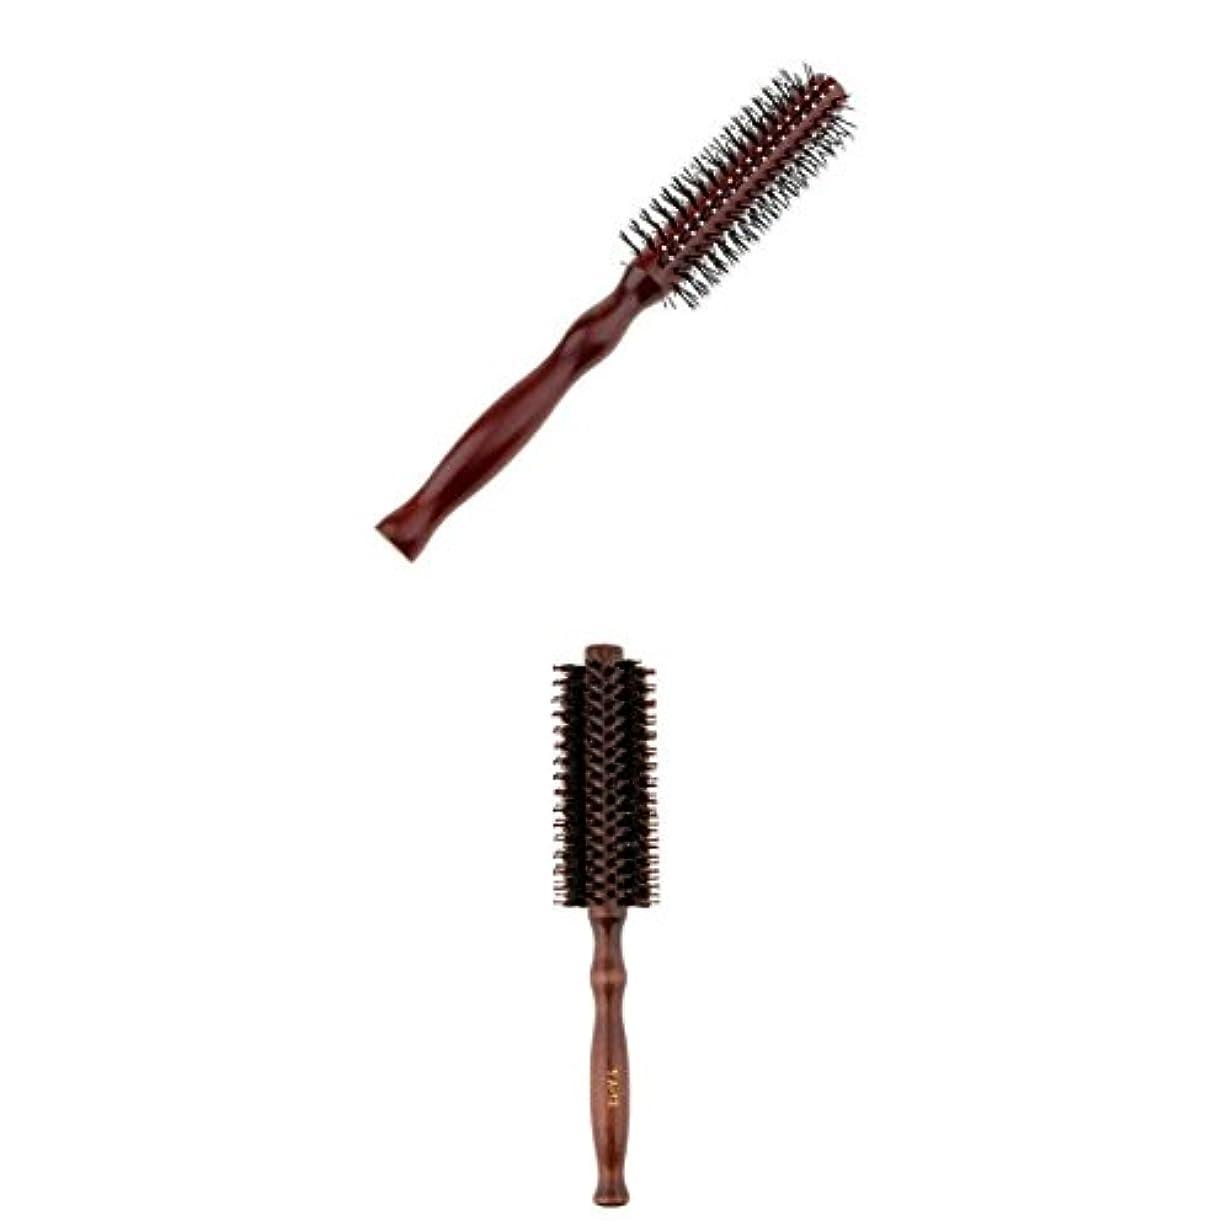 フィルタ危険を冒します対DYNWAVE ヘアブラシ ロールブラシ ヘアコーム 木製櫛 理髪師 家庭 アクセサリー 2点入り